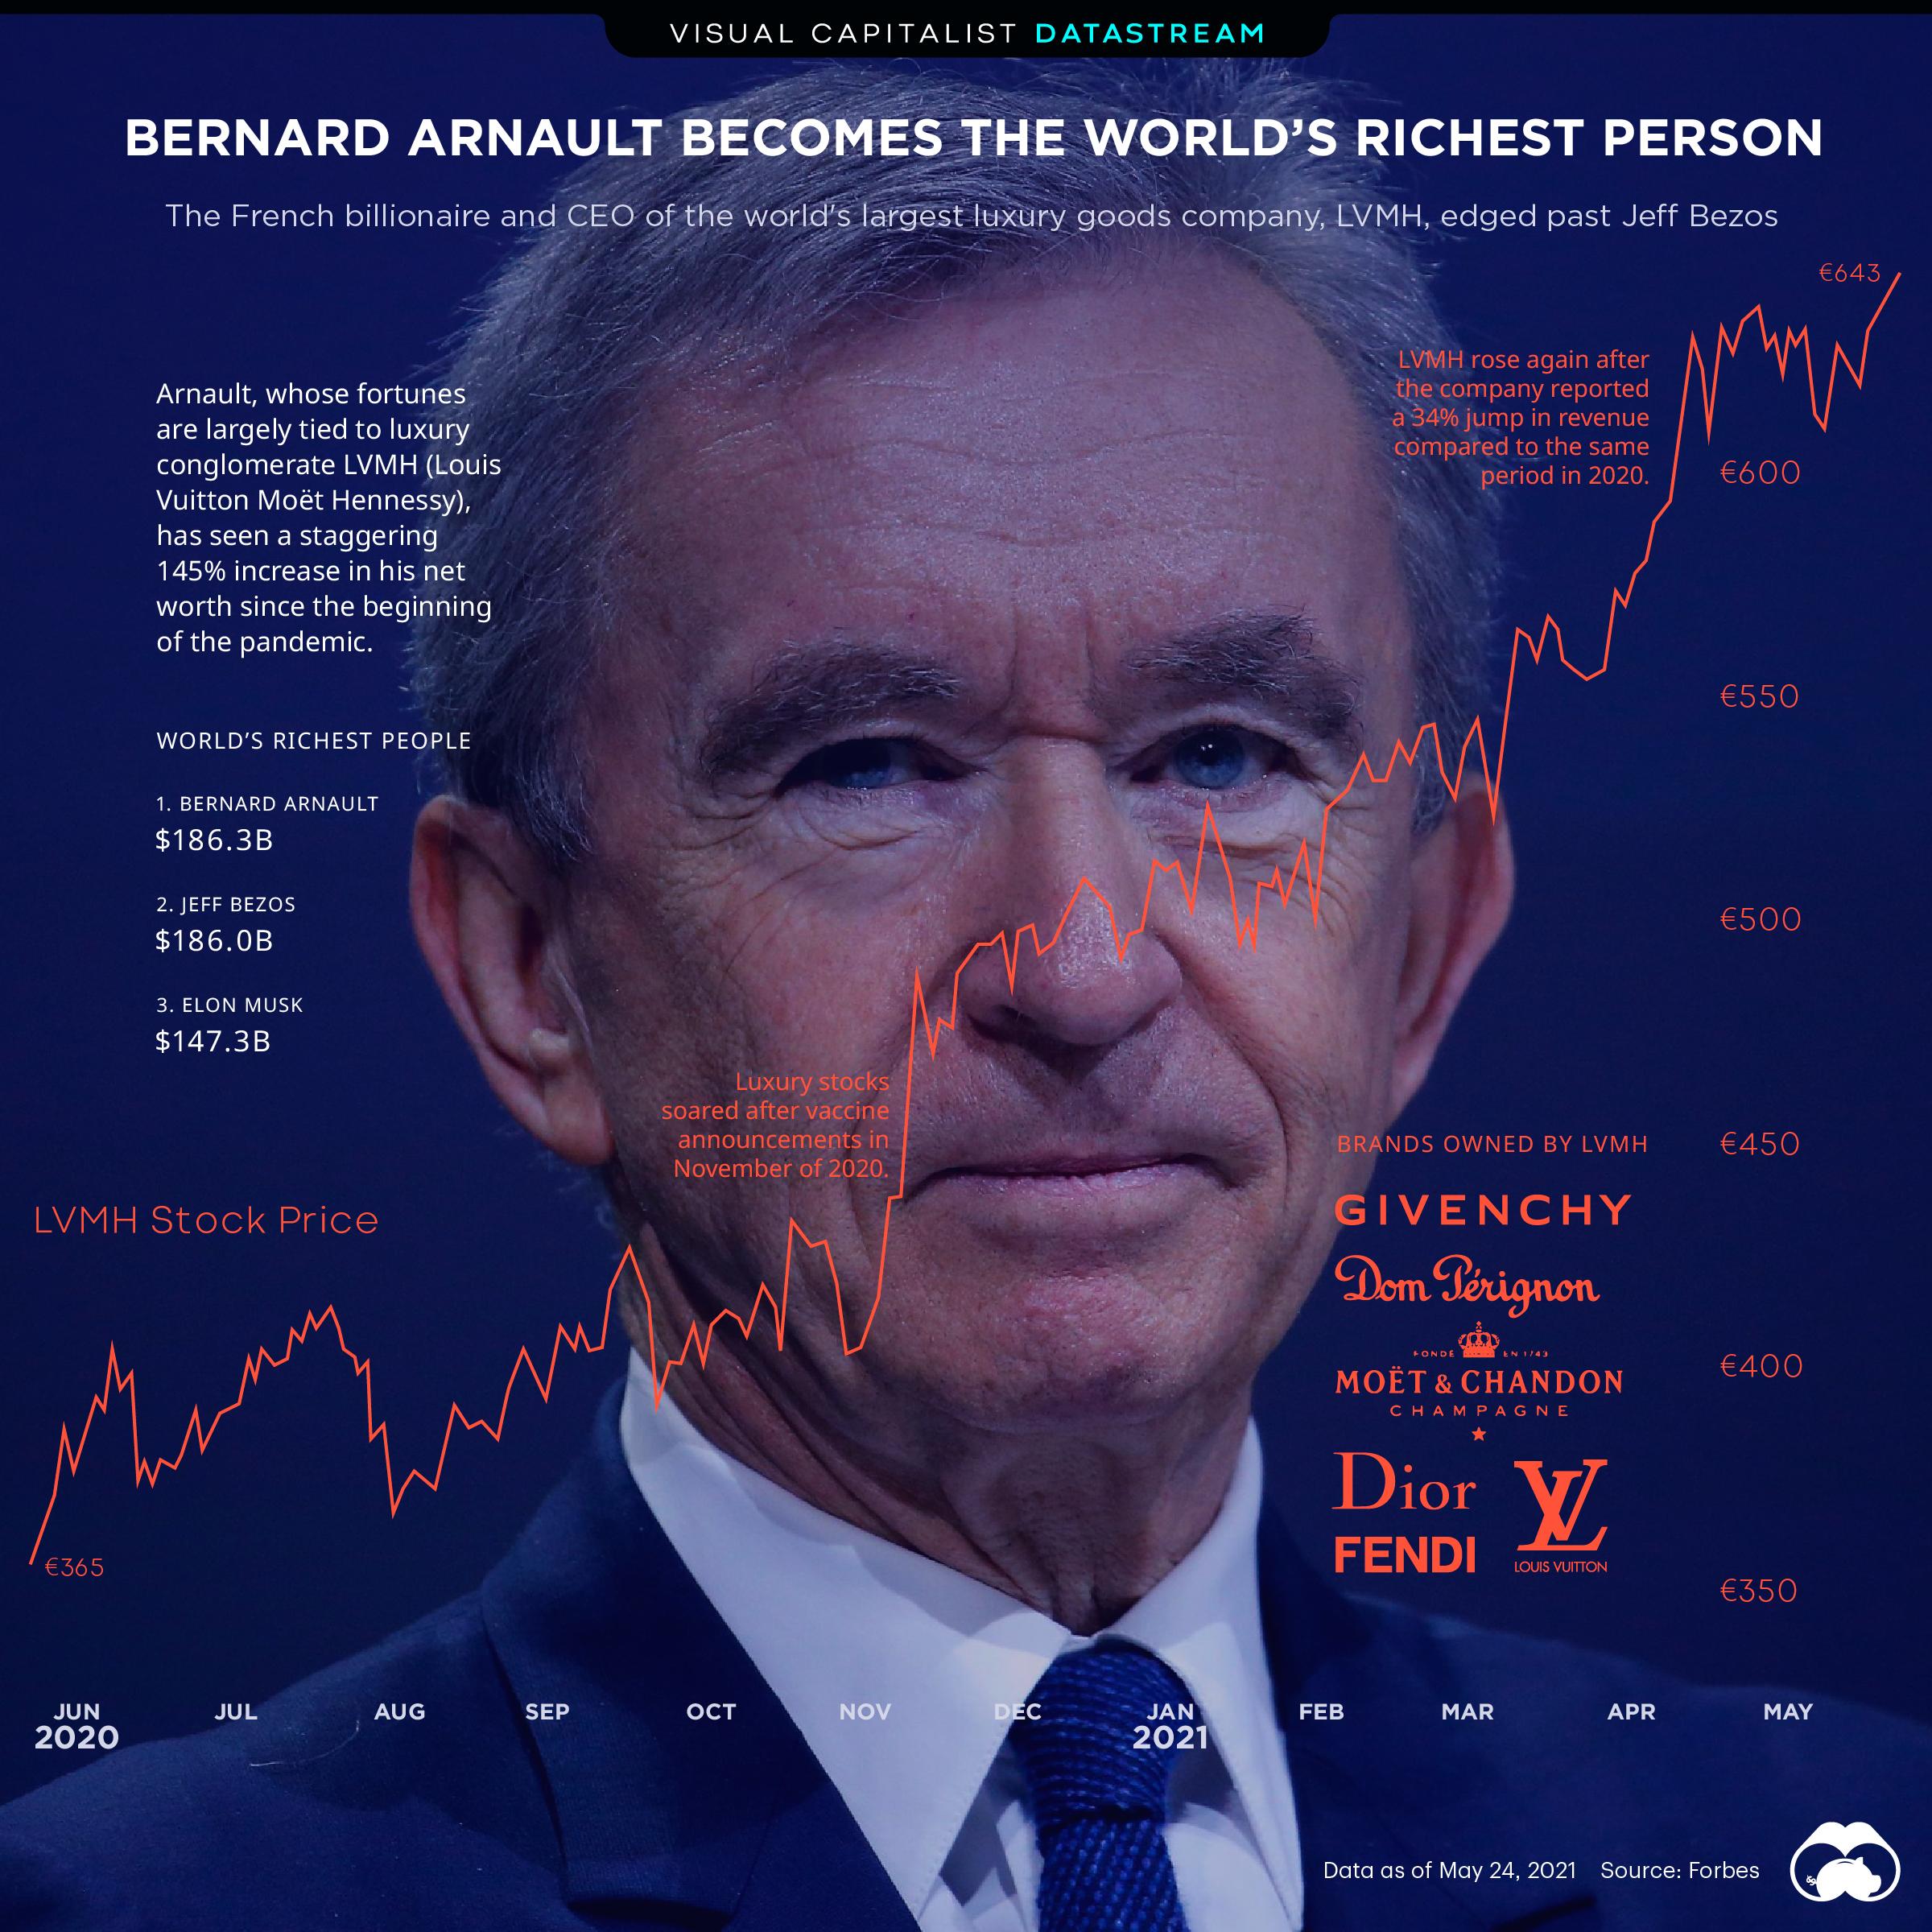 bernard arnault world's richest person